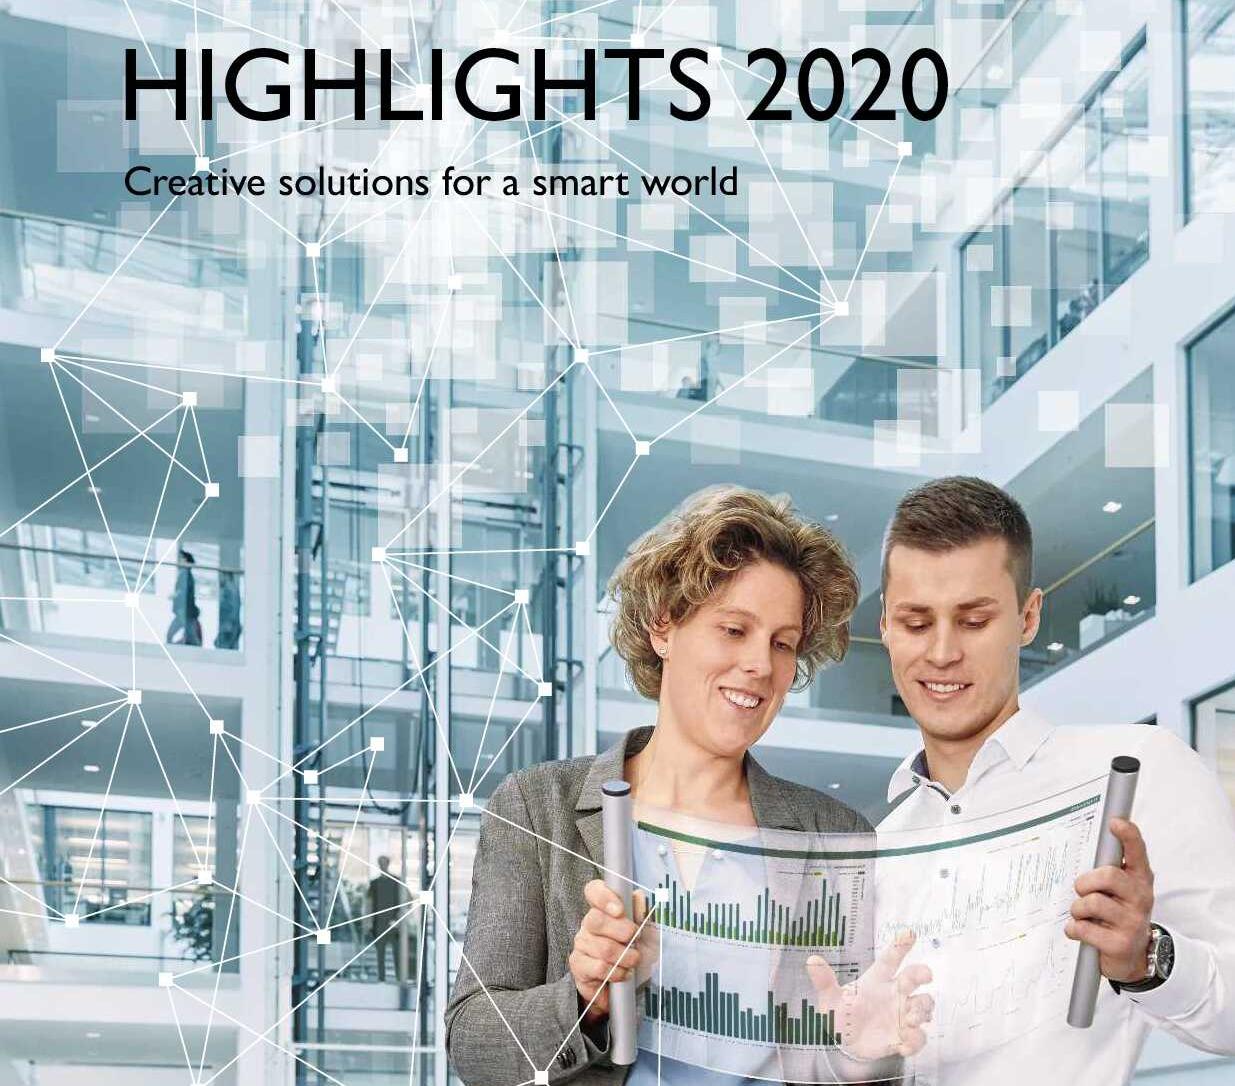 SVJETLO 2020 - kreativna rješenja za pametni svijet